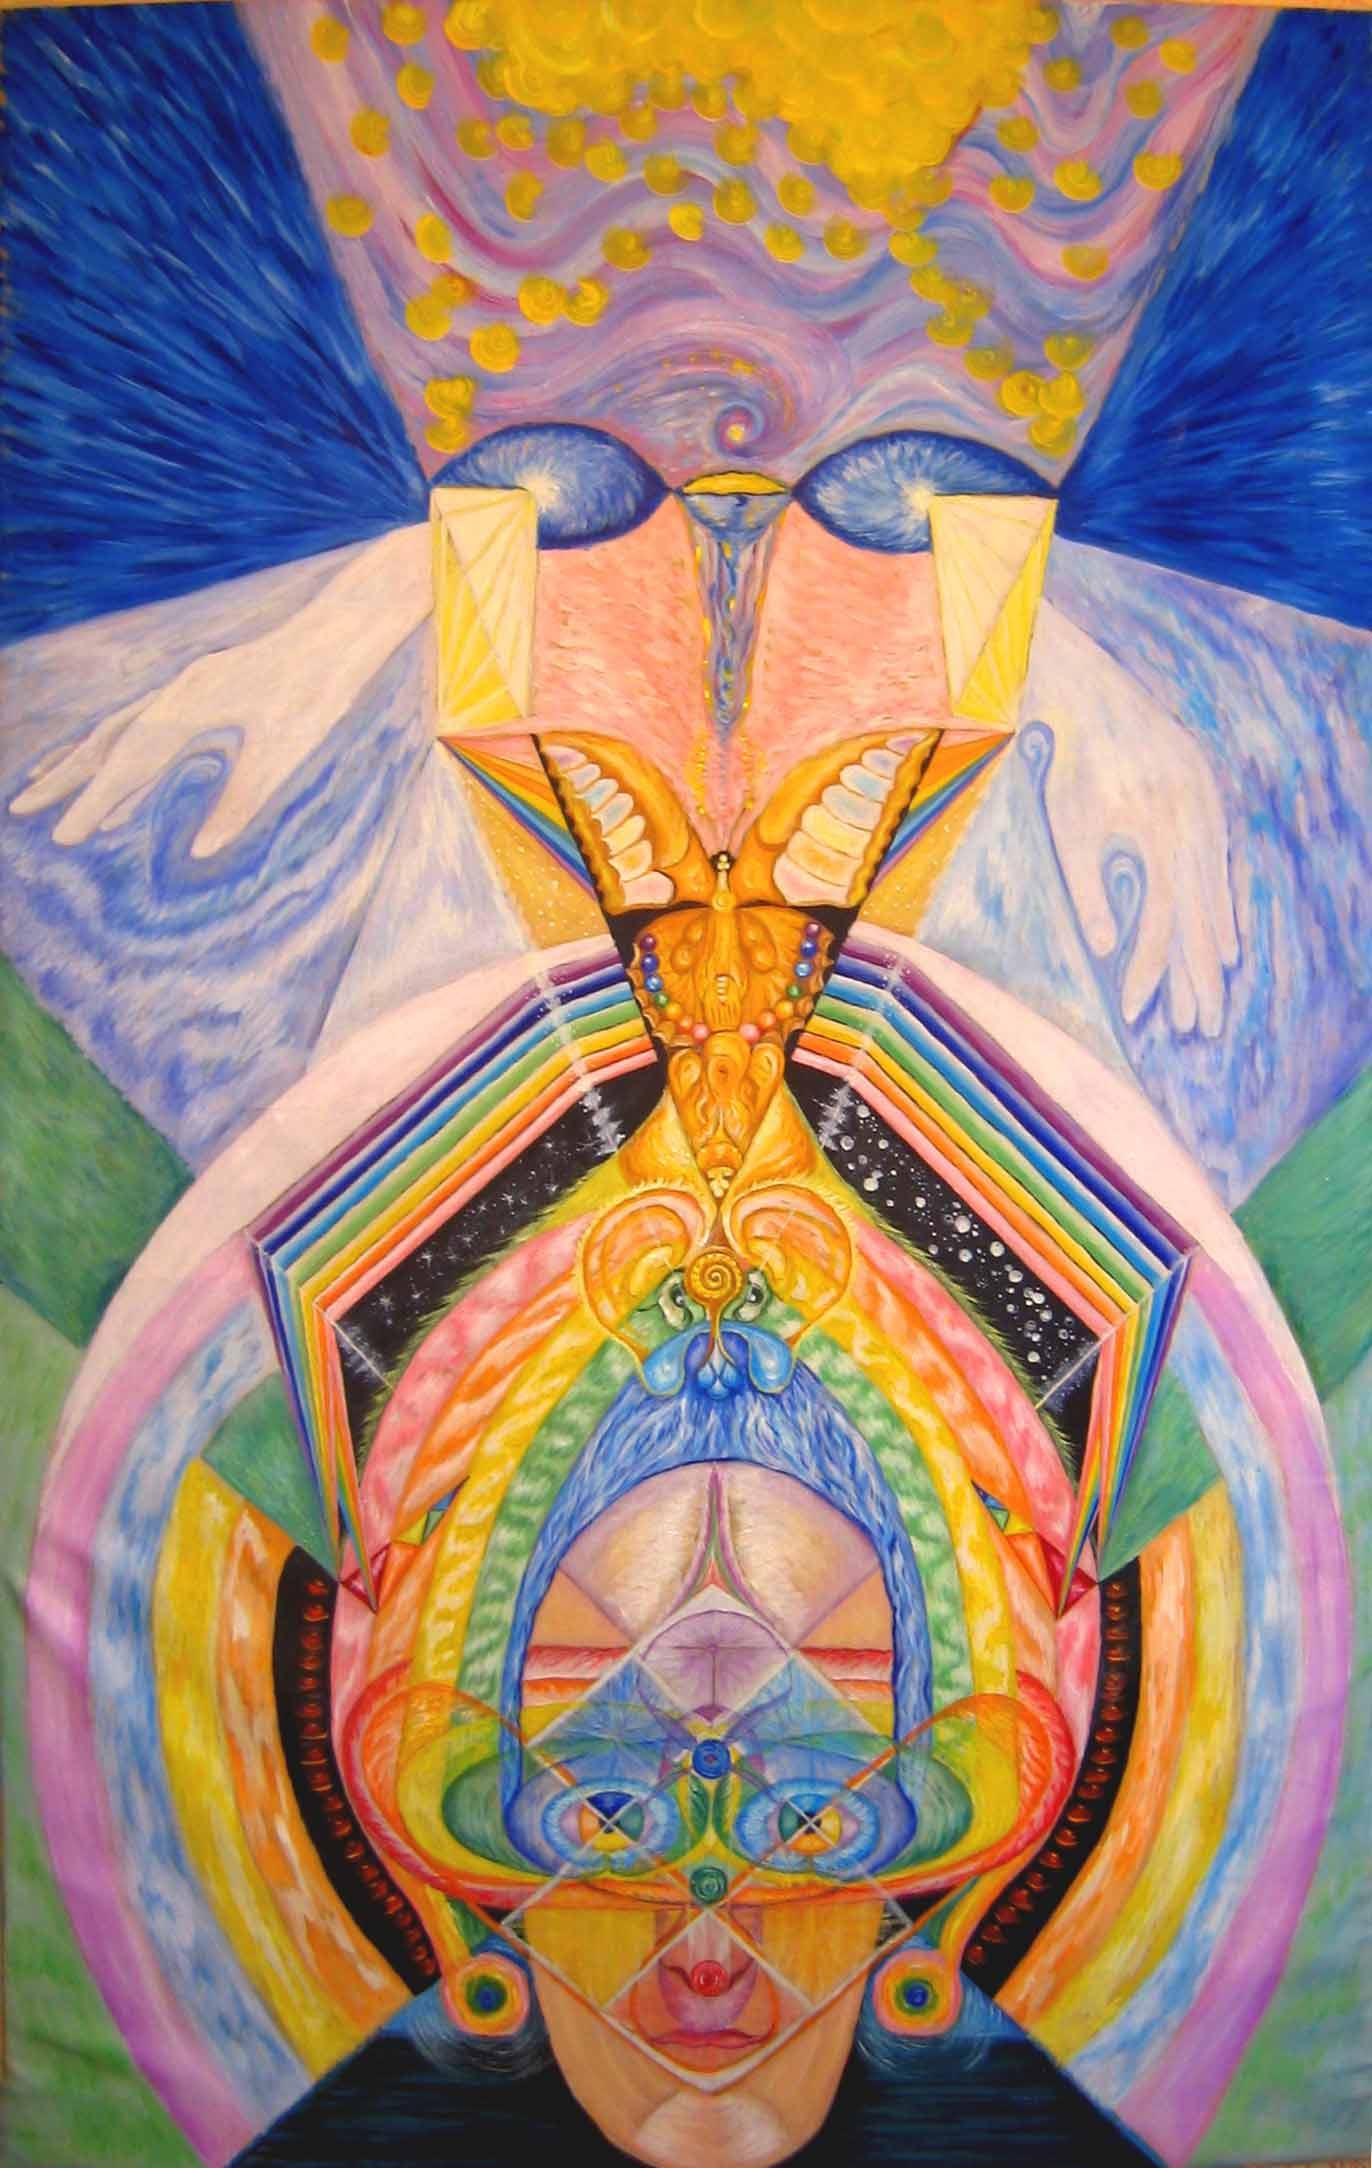 эзотерическая живопись, картины, Небесная Нить, Пальковская-Чабанюк,МахаОн души или Он махает крыльями души